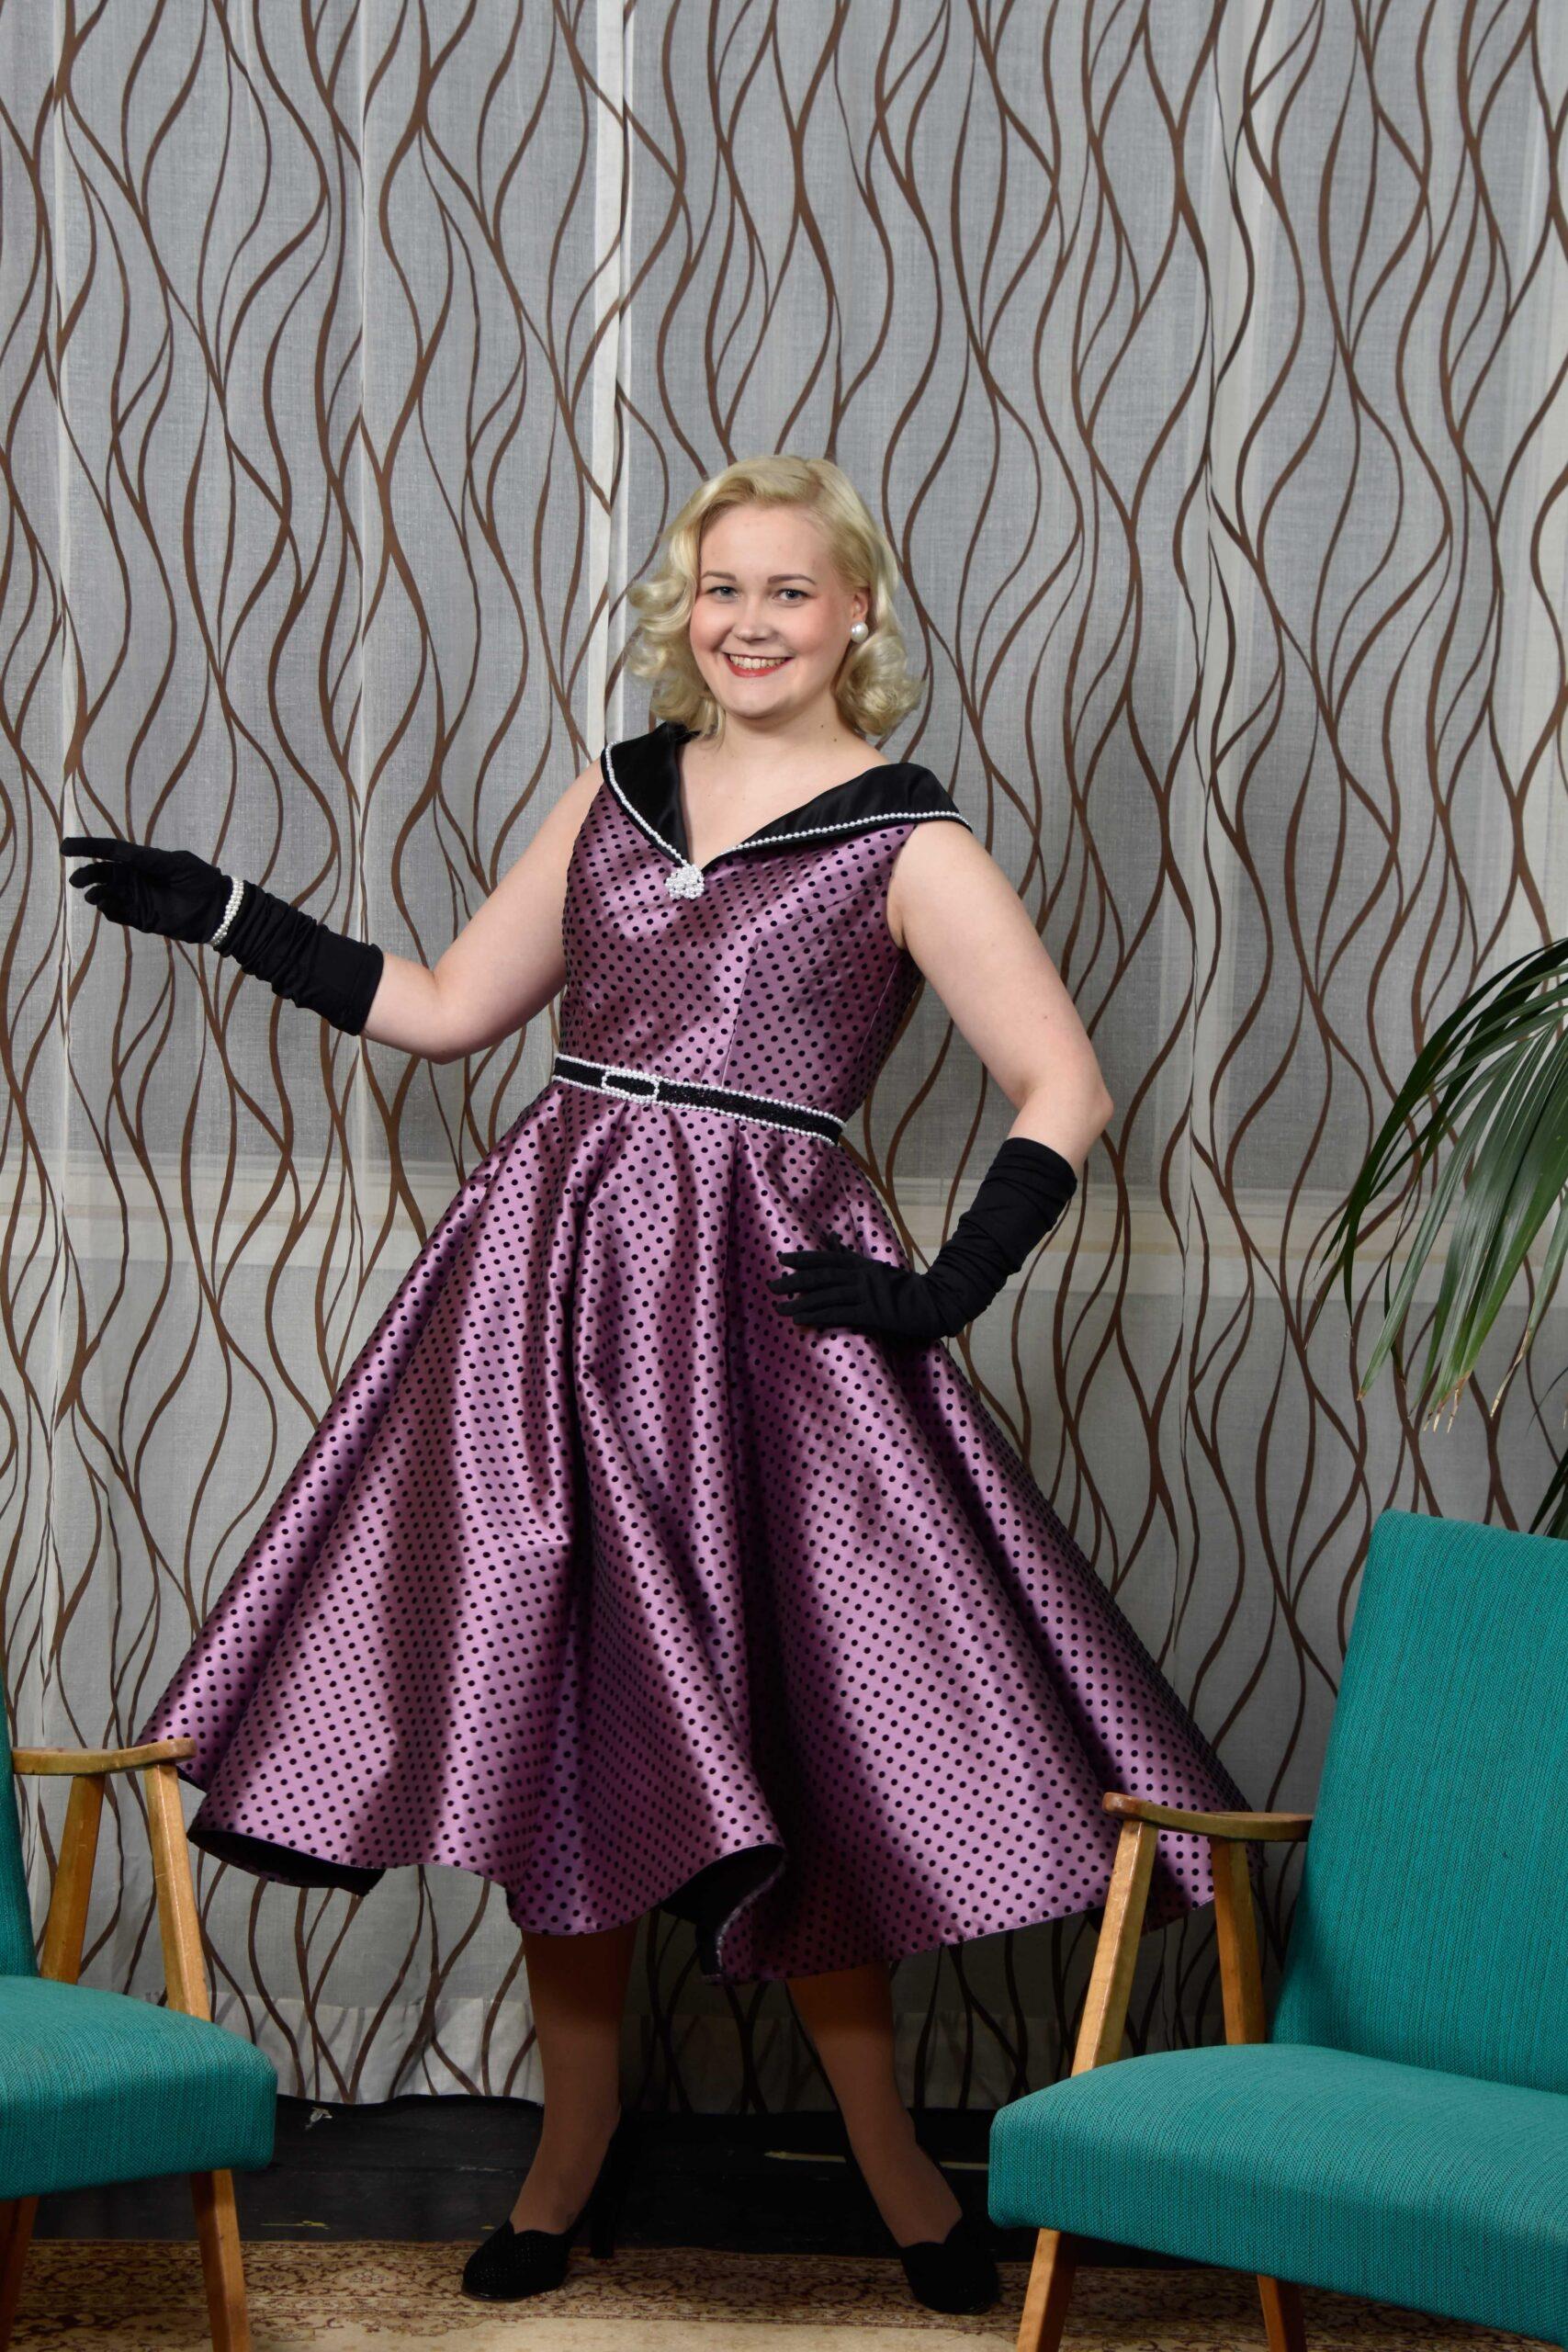 Nuori nainen hymyilee kiiltävässä violetissa juhlamekossaan.